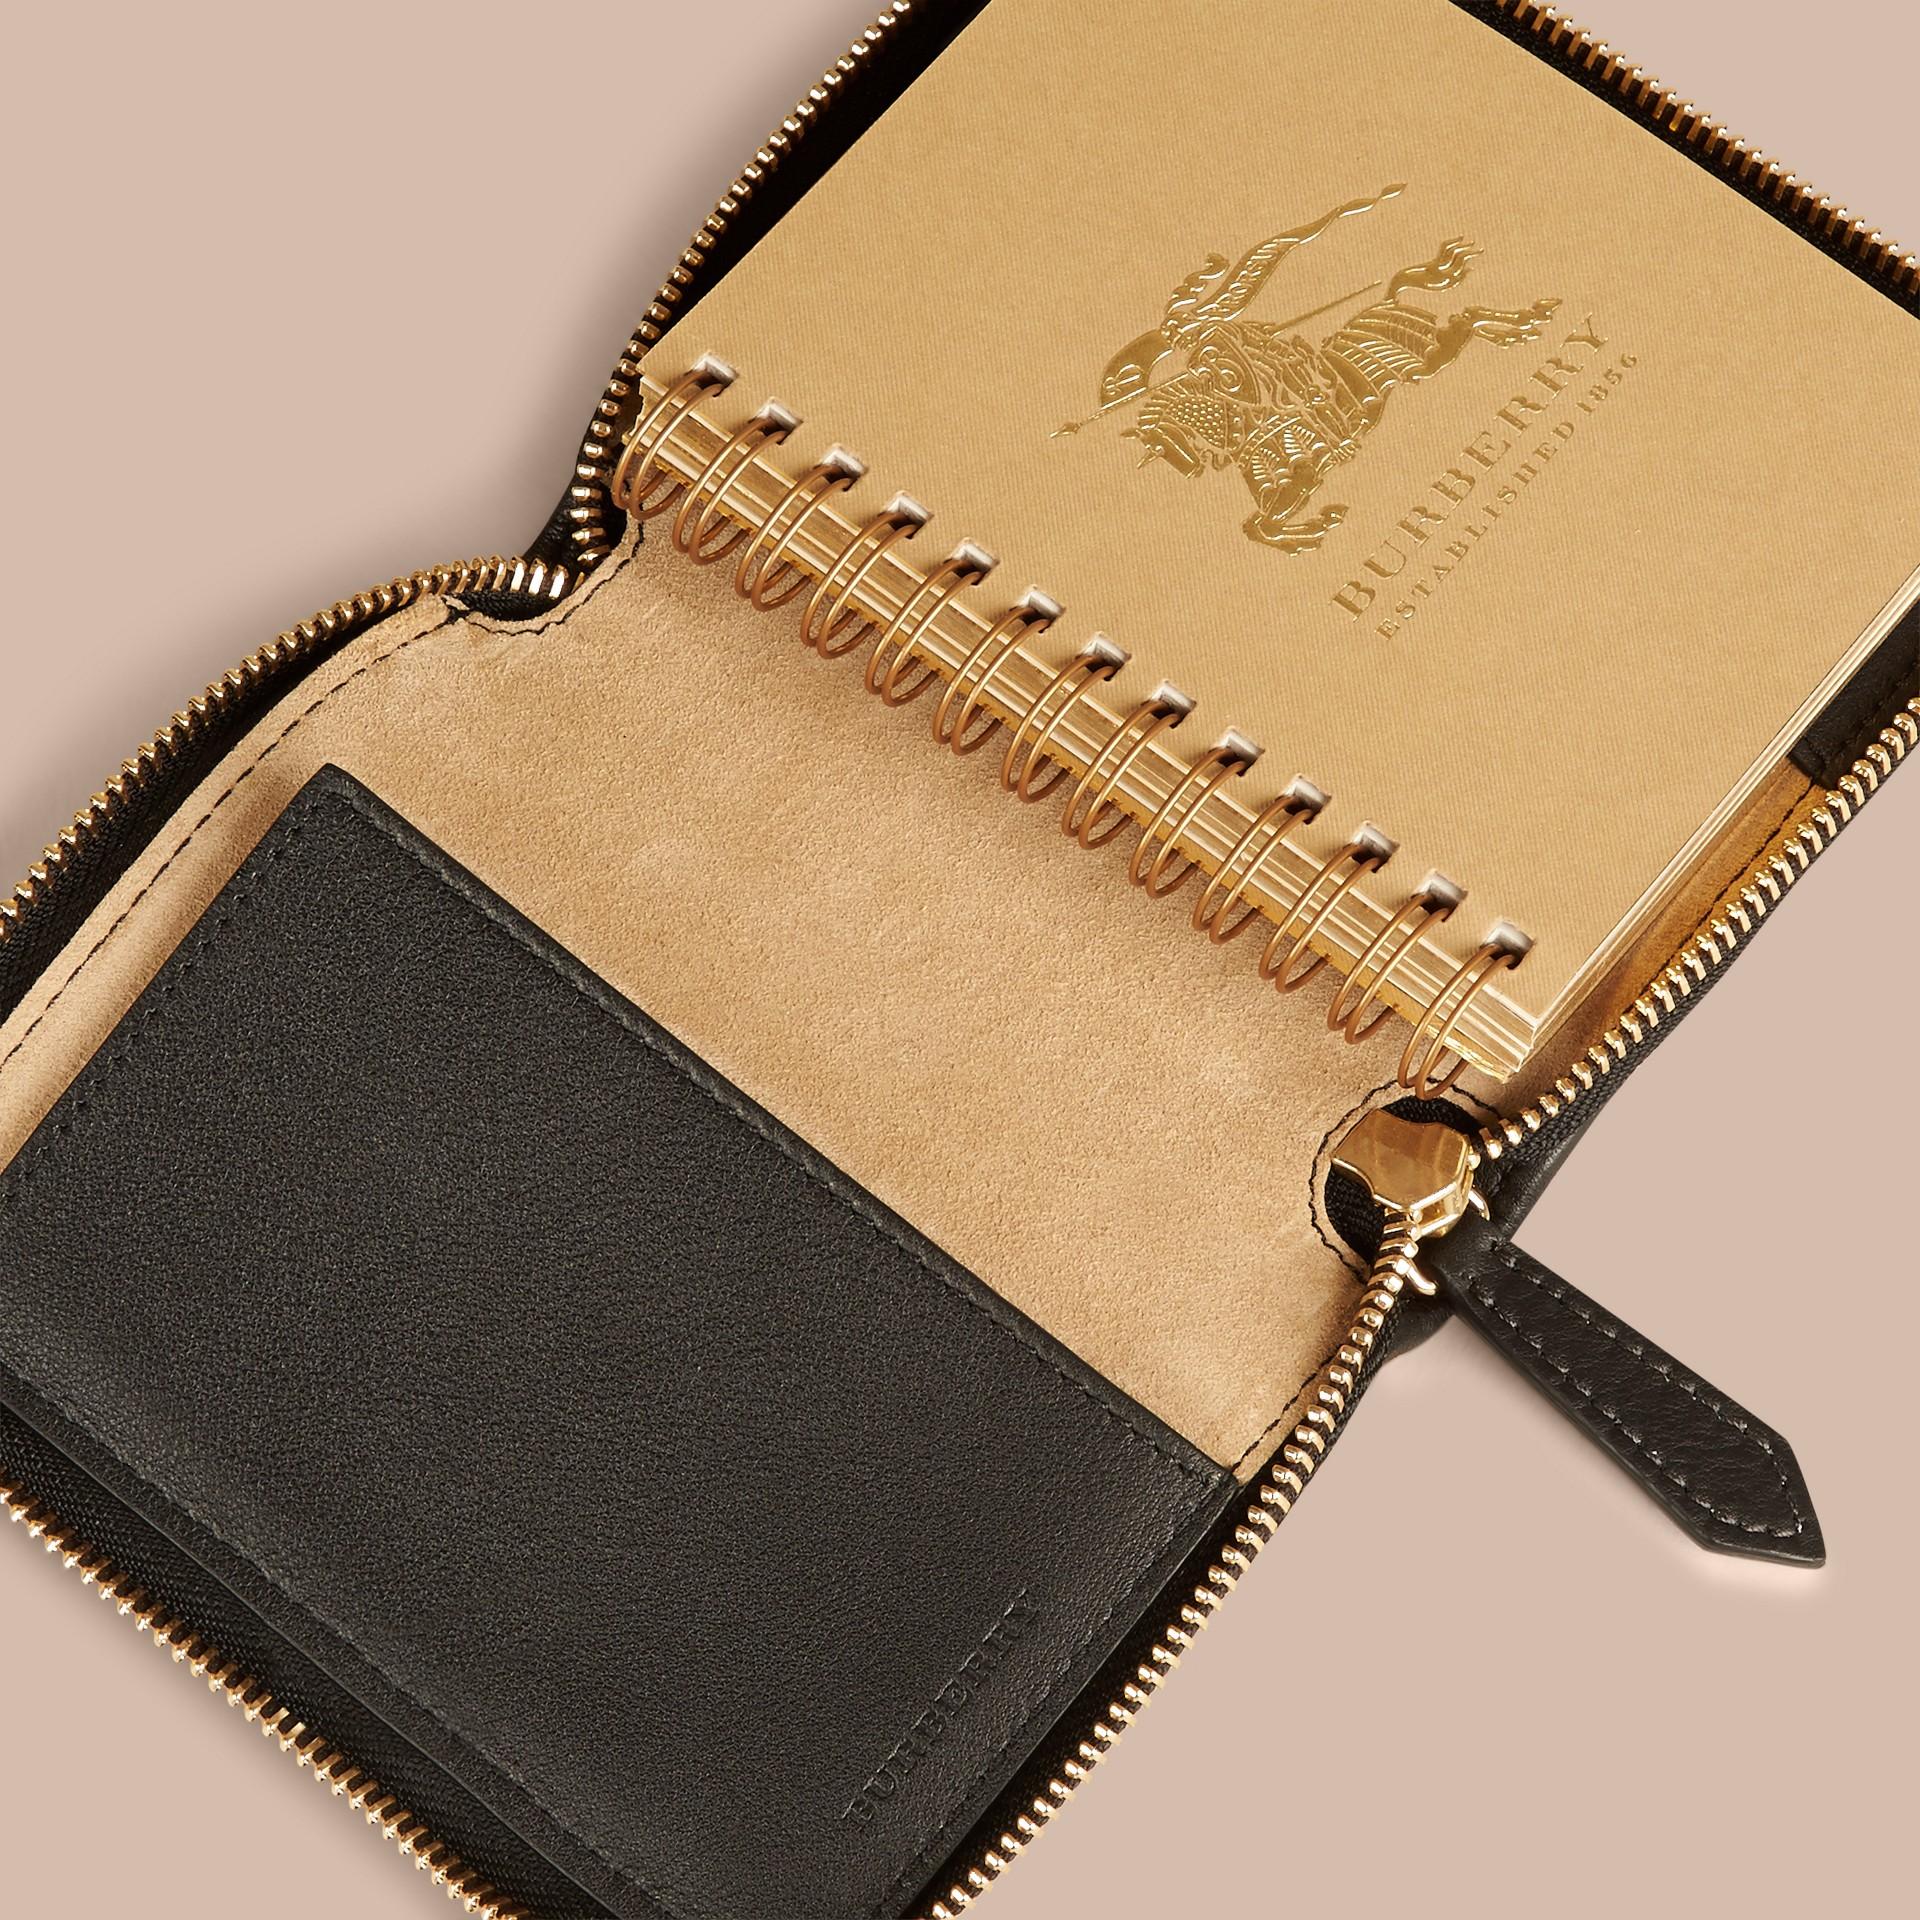 Noir Petit calepin zippé à motif Horseferry check et imprimé fauve - photo de la galerie 3